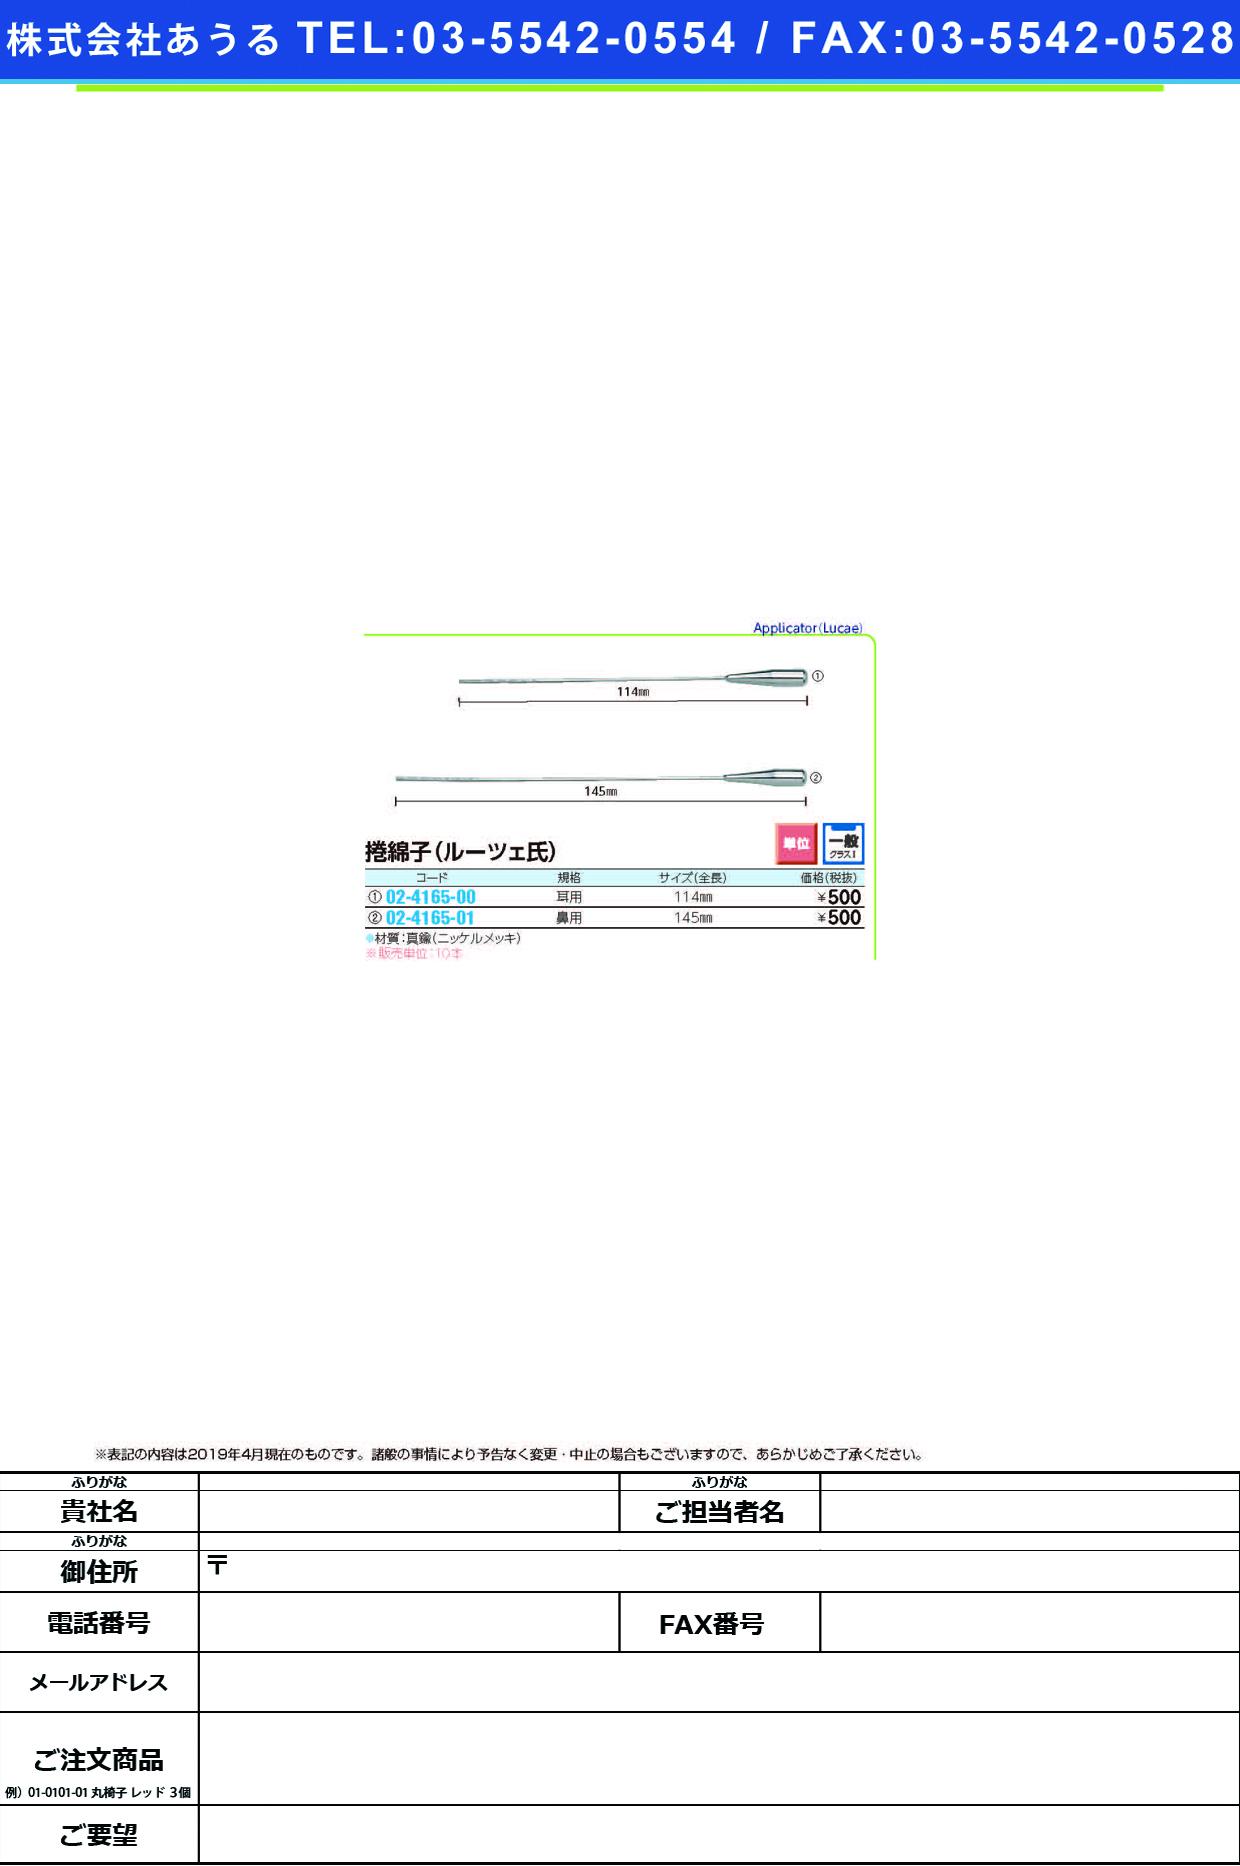 (02-4165-00)捲綿子(ルーツェ氏)耳用 114MM ケンメンシ(ルーツェシ)ミミヨウ【10本単位】【2019年カタログ商品】